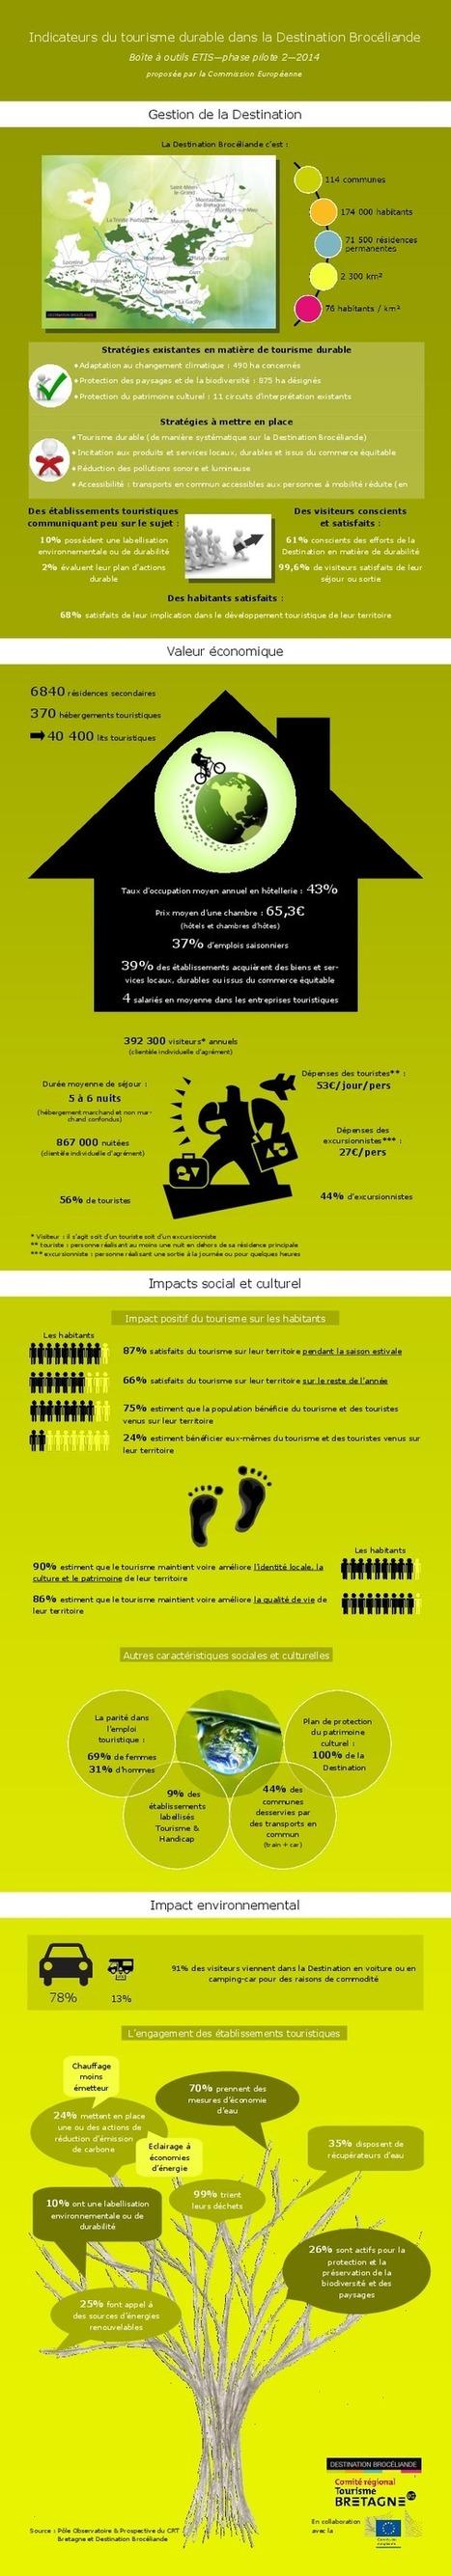 Tourisme Durable : la Destination Brocéliande récompensée par l'Union Européenne | Brocéliande naturelle, rafraîchissante, créative | Scoop.it